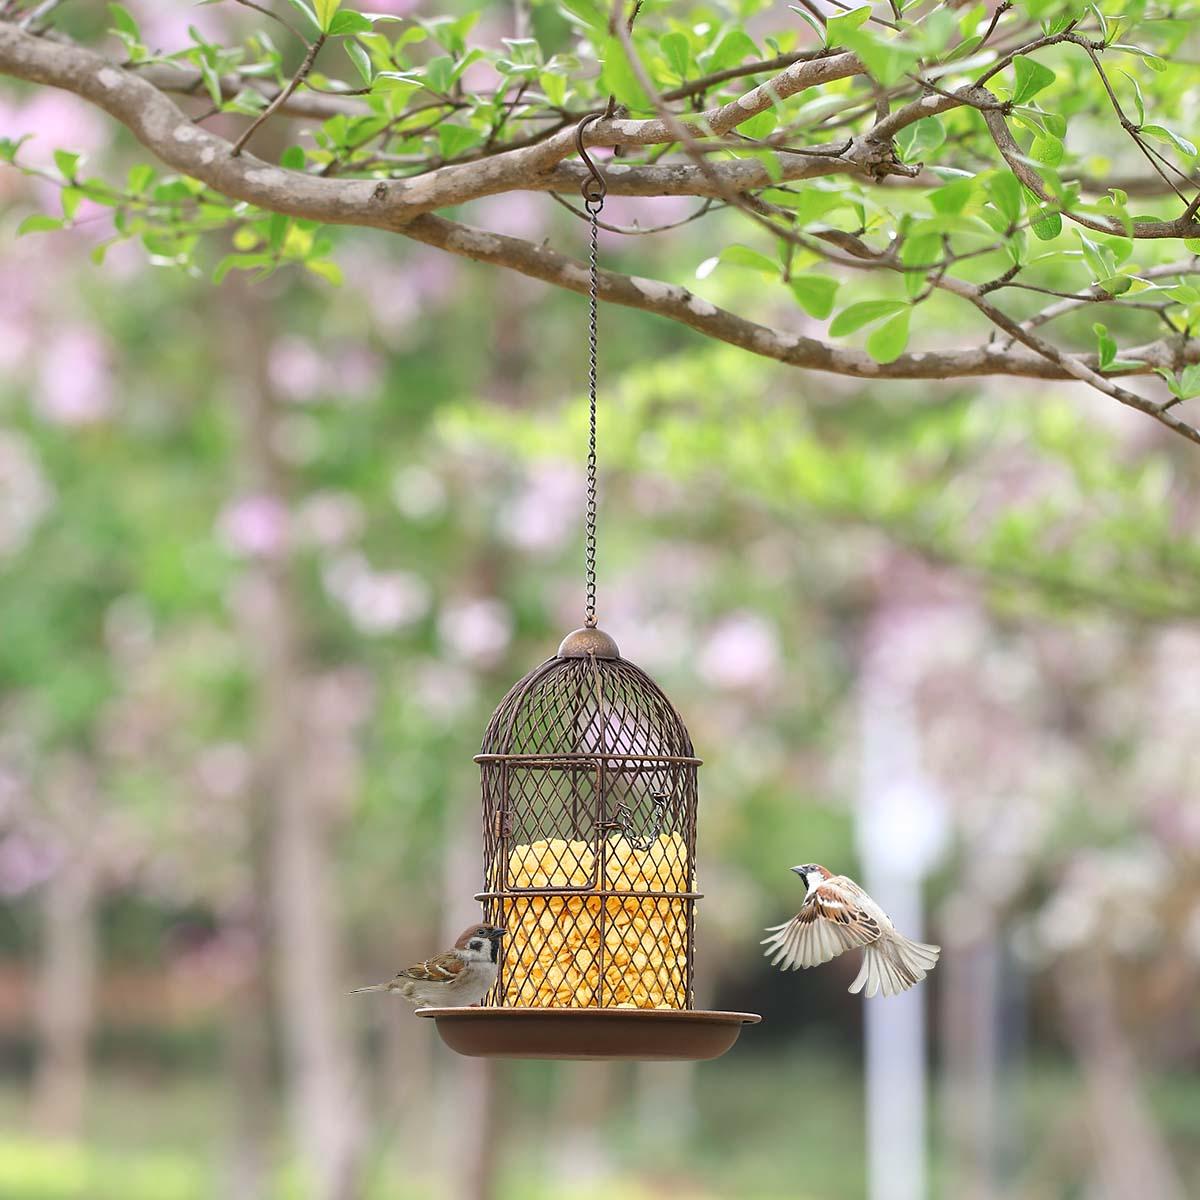 product bird jsp milo corn tweet food index wild lb feeder assorted ace species and